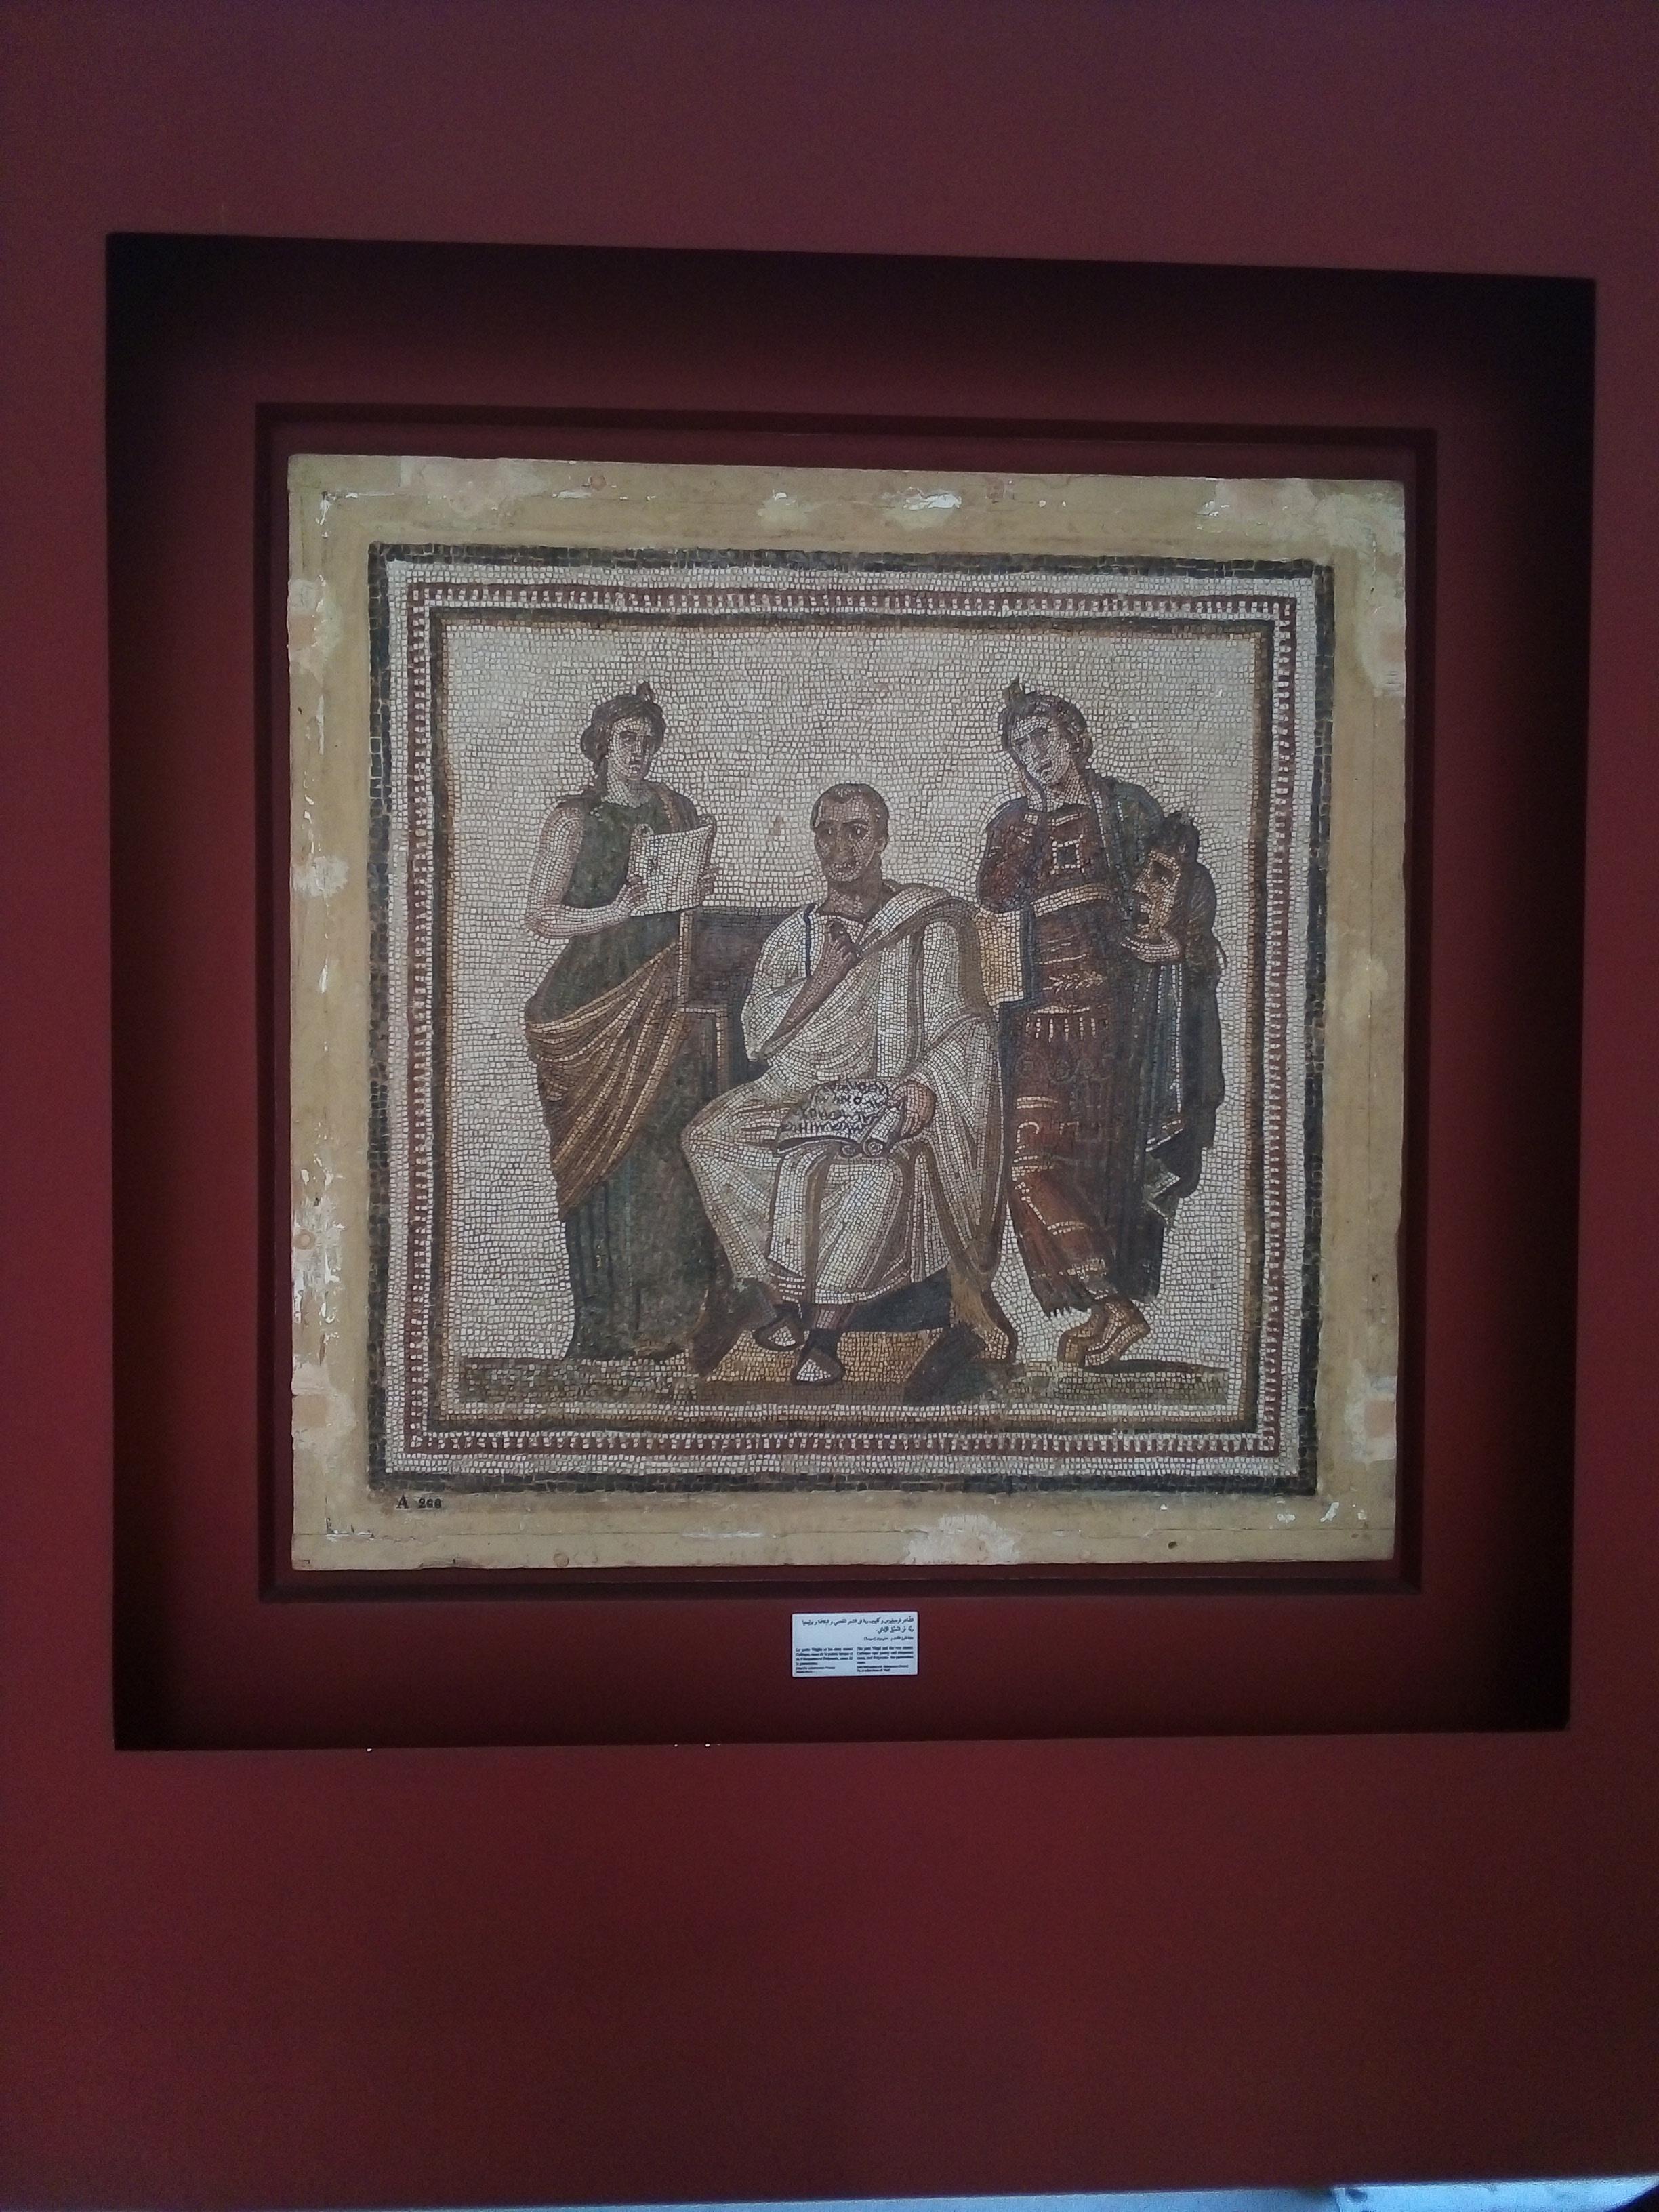 Mural depicting a Roman setting